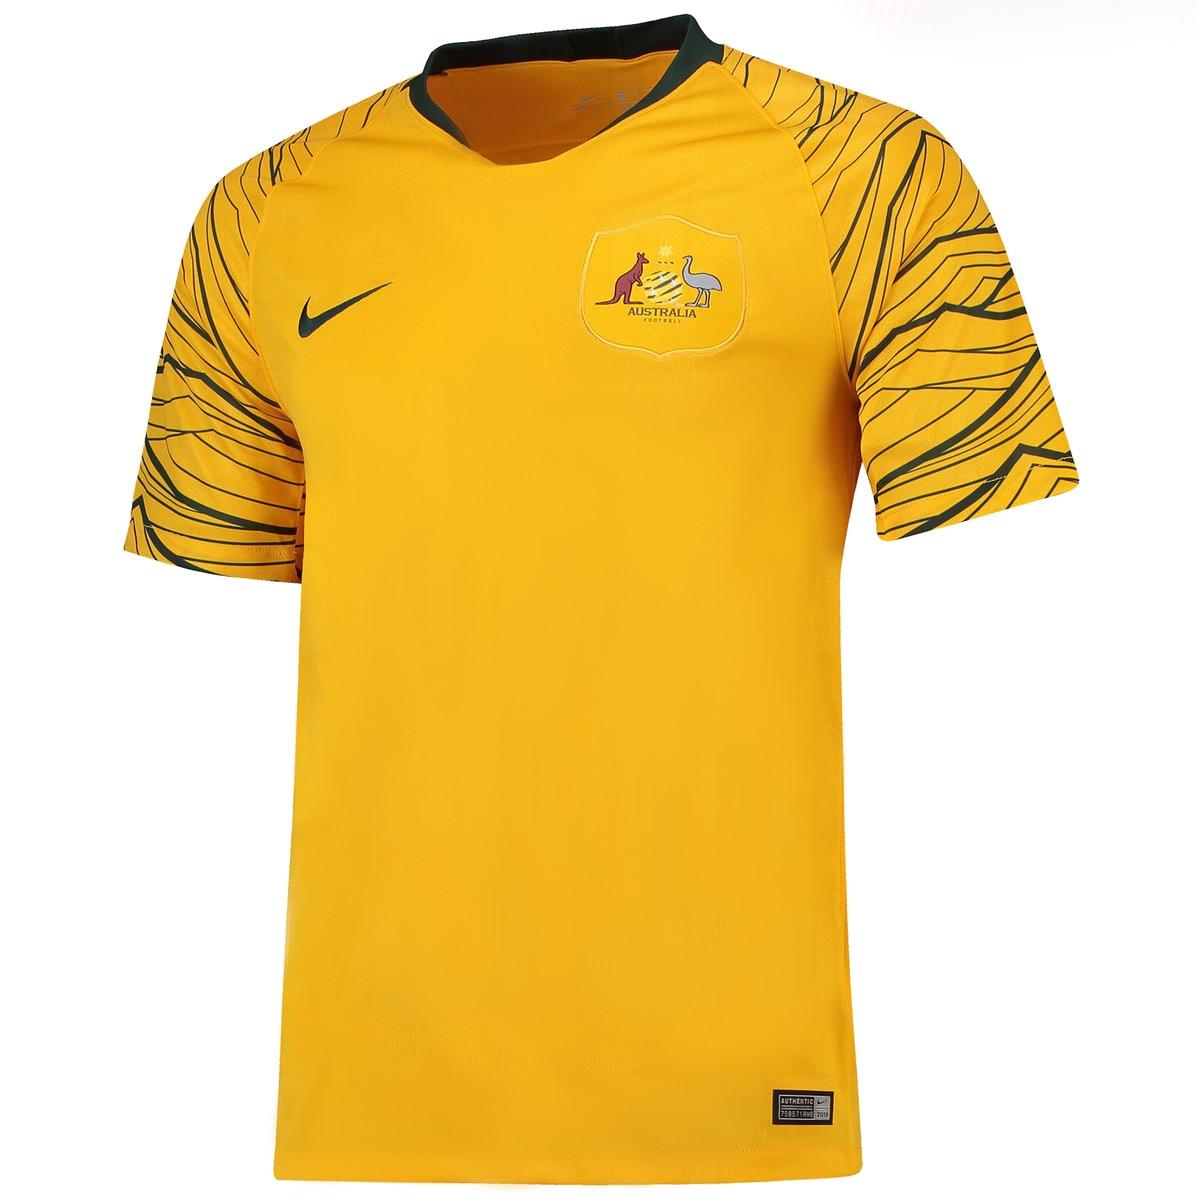 maillot domicile Australie 2018 coupe du monde 2018